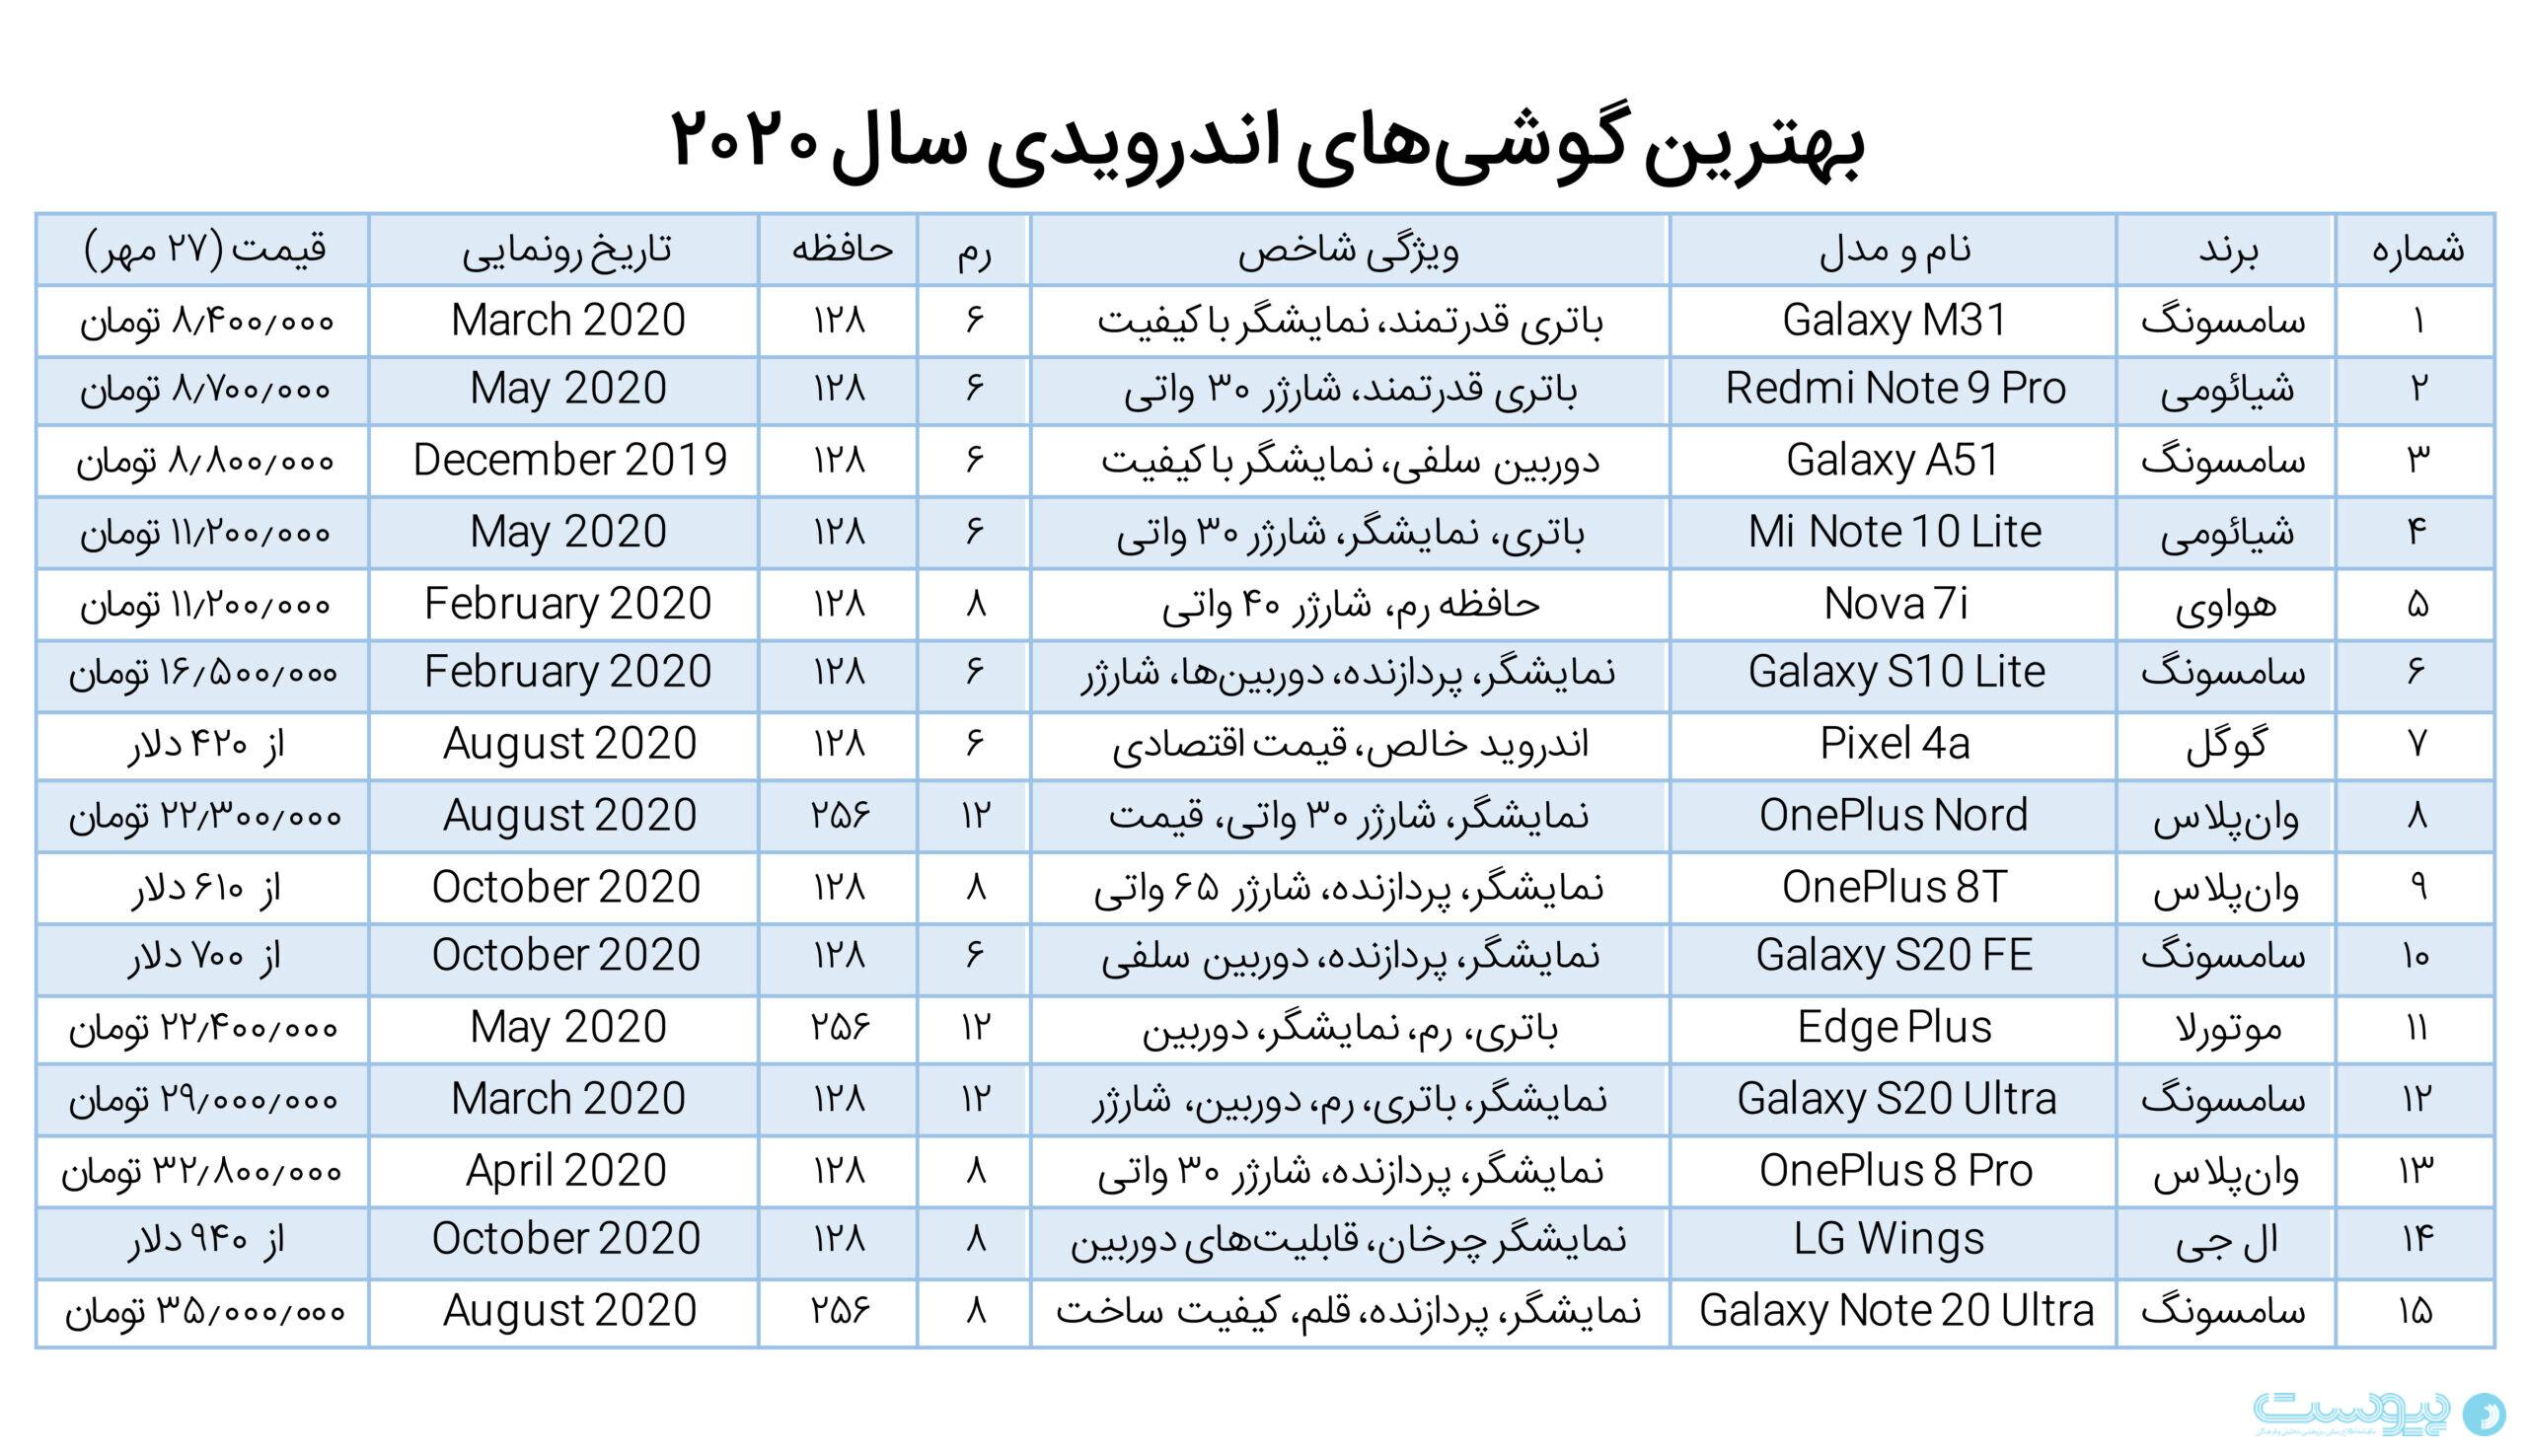 جدول معرفی بهترین گوشیهای سال ۲۰۲۰